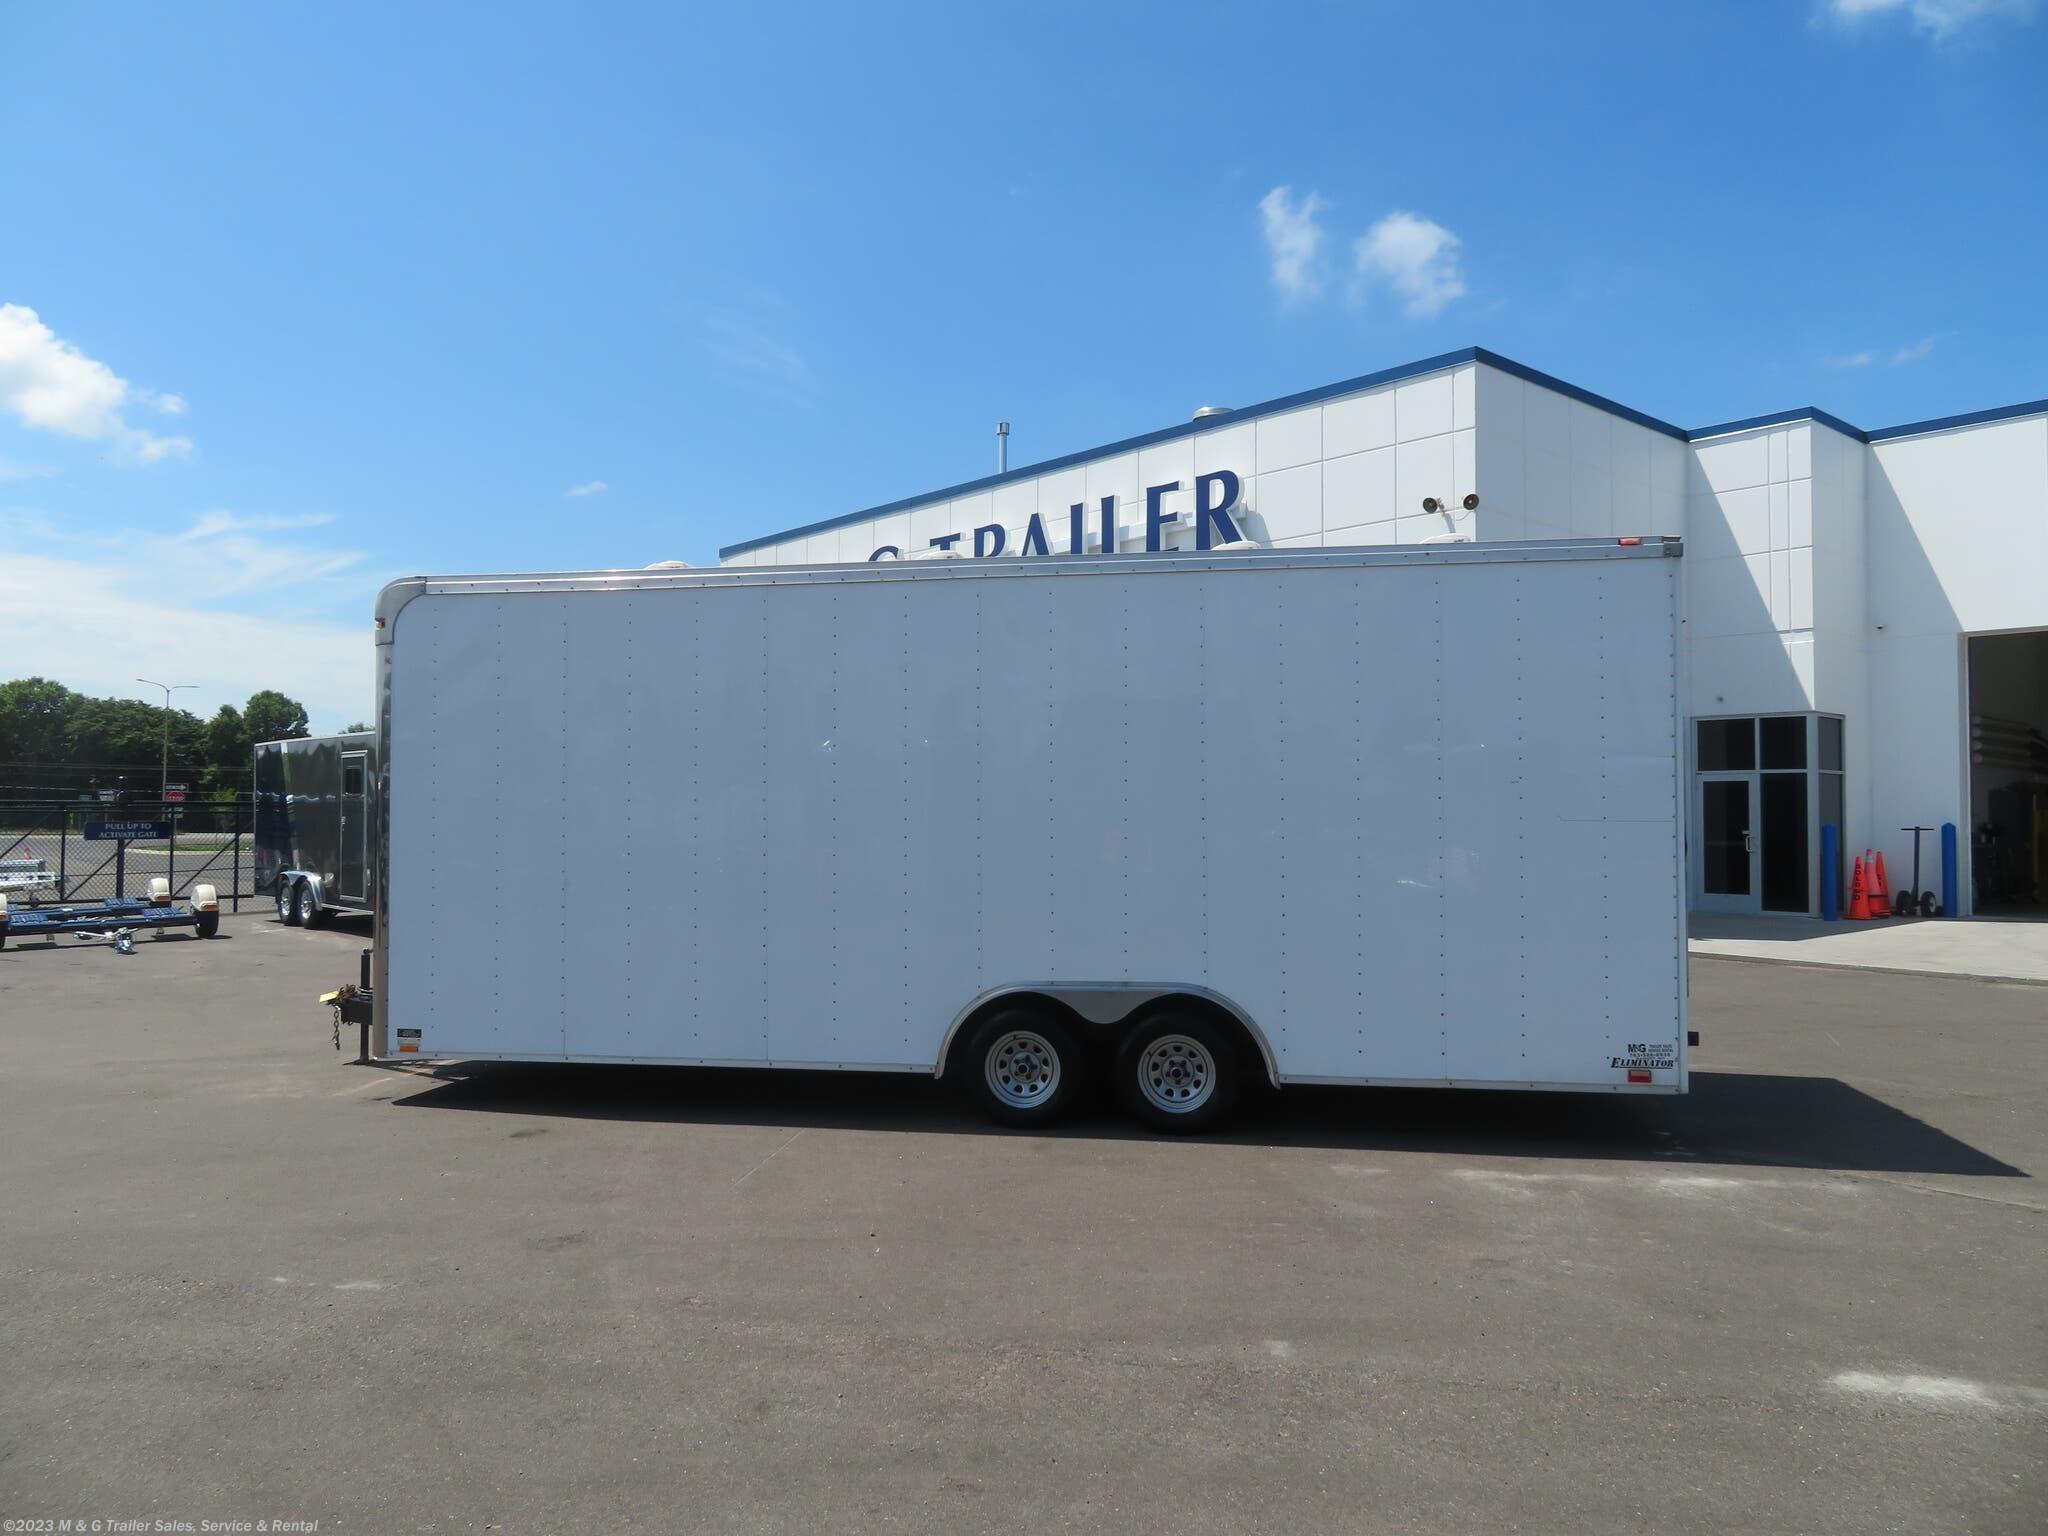 2005 Cargo Mate 8.5 x 24 Enclosed Trailer - Stock #049237